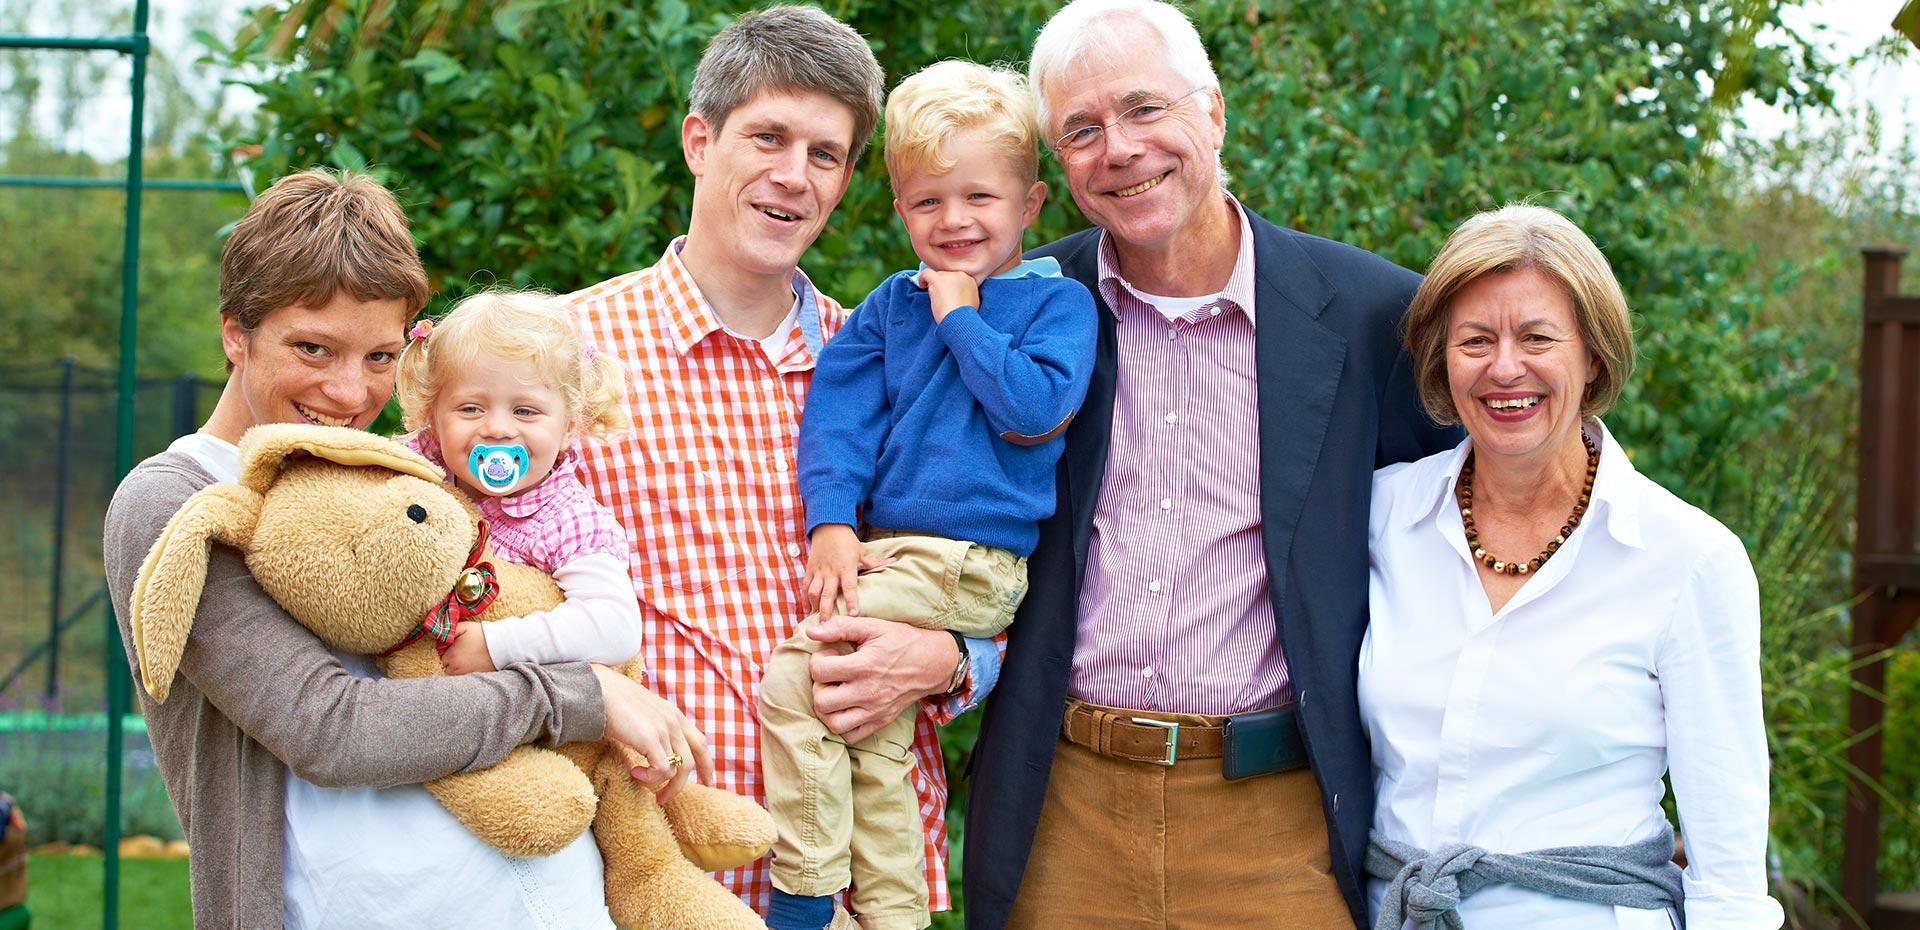 Familie mit Großeltern, Eltern und Kindern